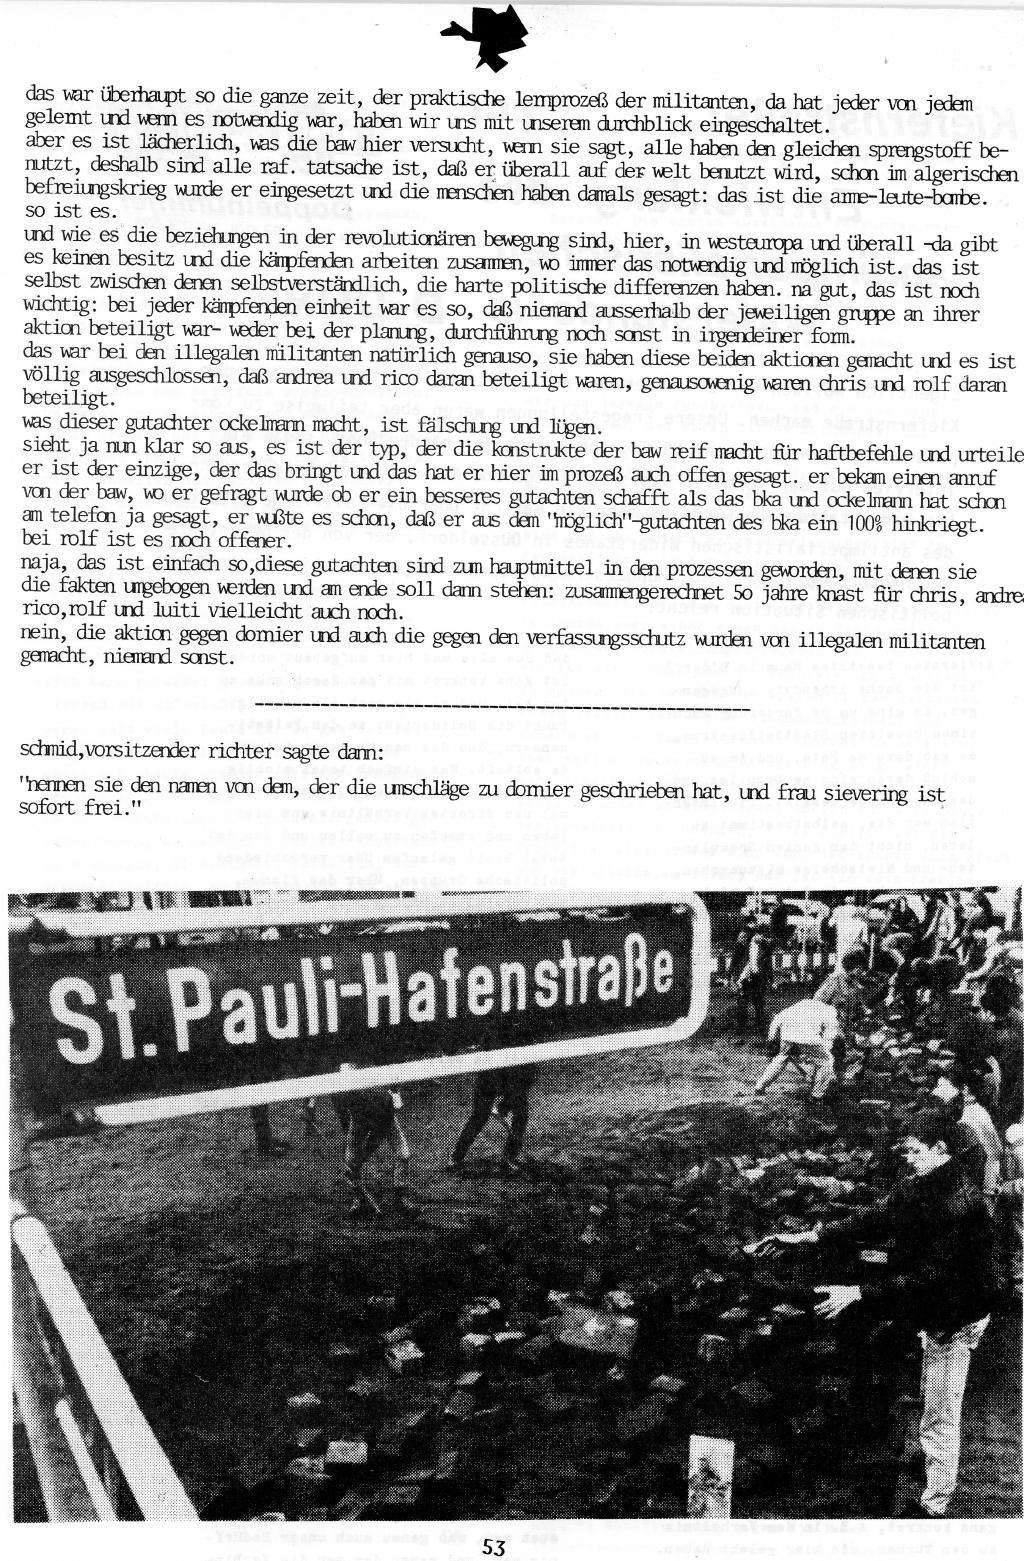 Duesseldorf_1989_Sechs_Politische_Gefangene_053